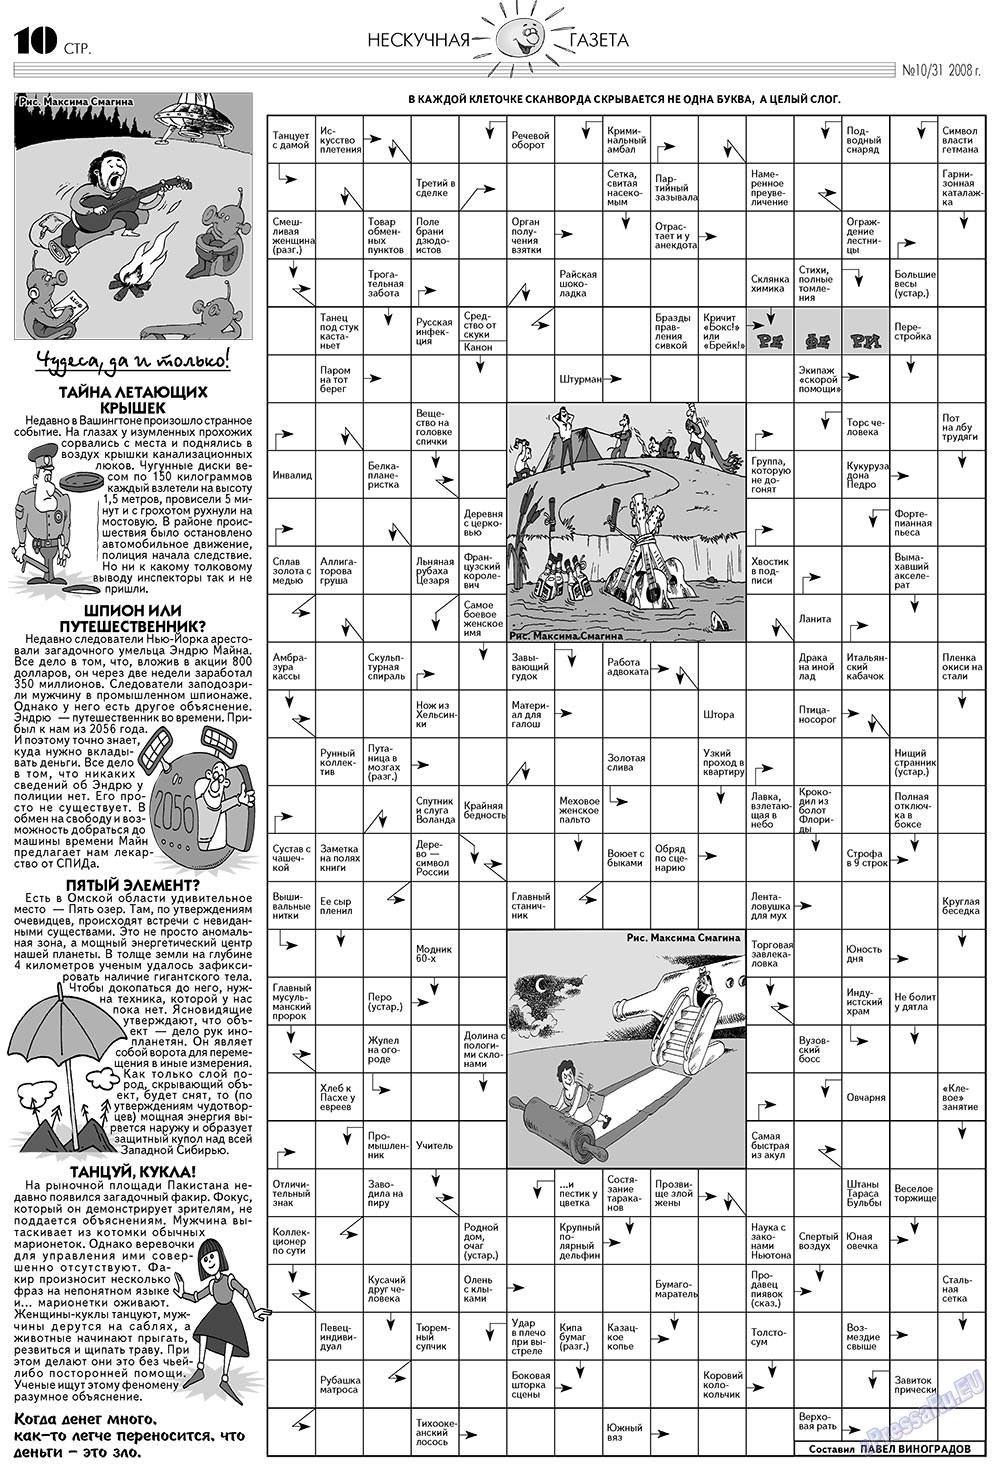 Нескучная газета (газета). 2008 год, номер 10, стр. 10